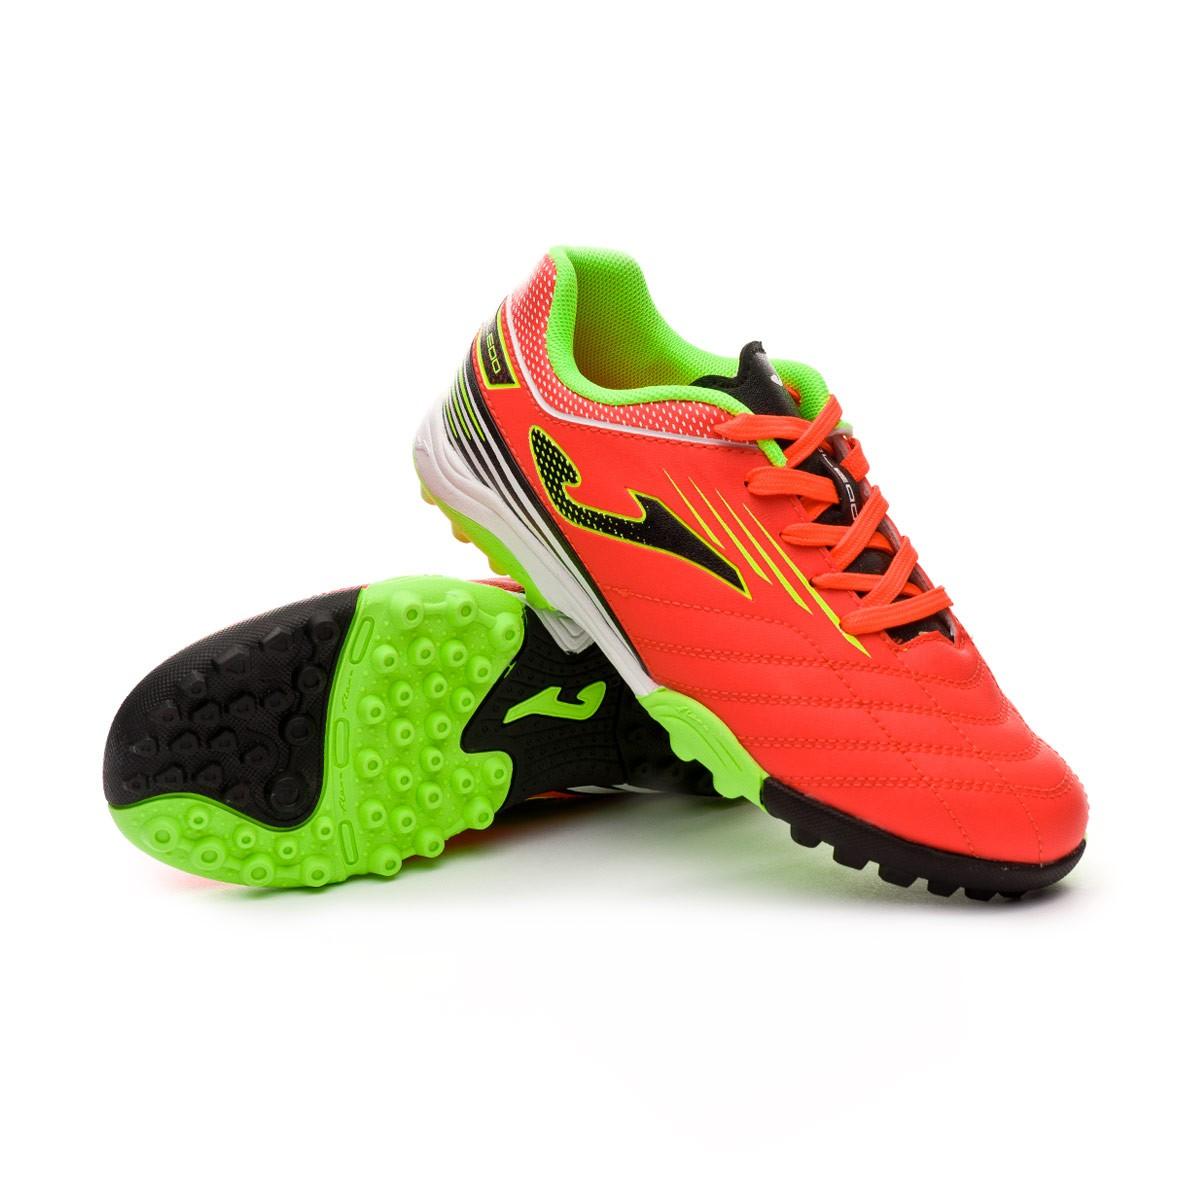 cdb6a8f64 Football Boot Joma Kids Toledo Turf Orange-Lime - Football store Fútbol  Emotion